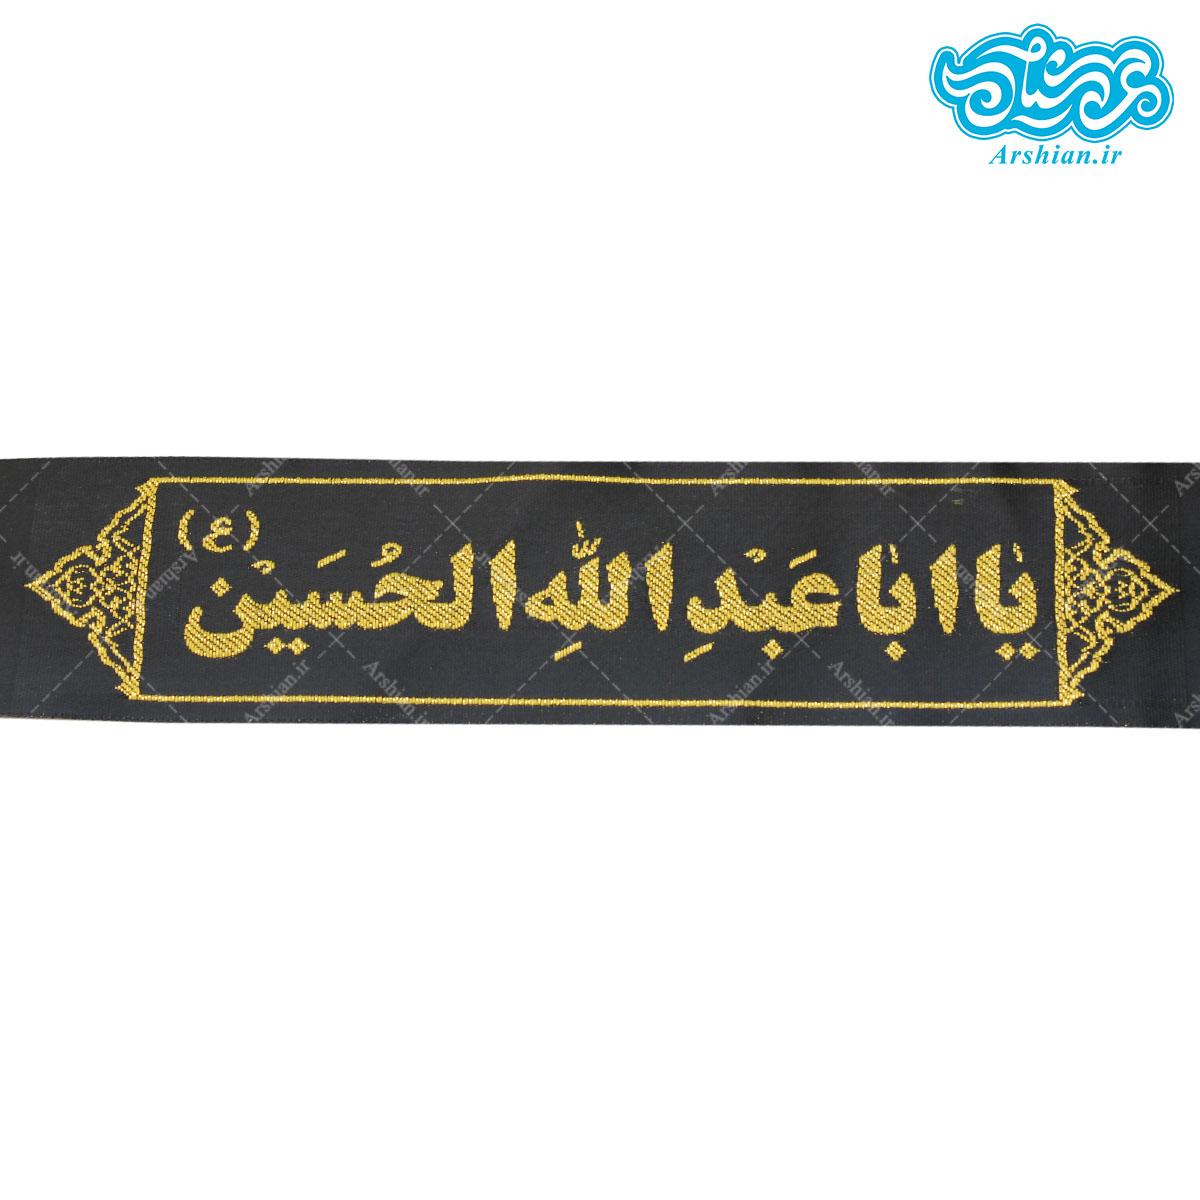 سربند ساتن یااباعبدالله الحسین مشکی